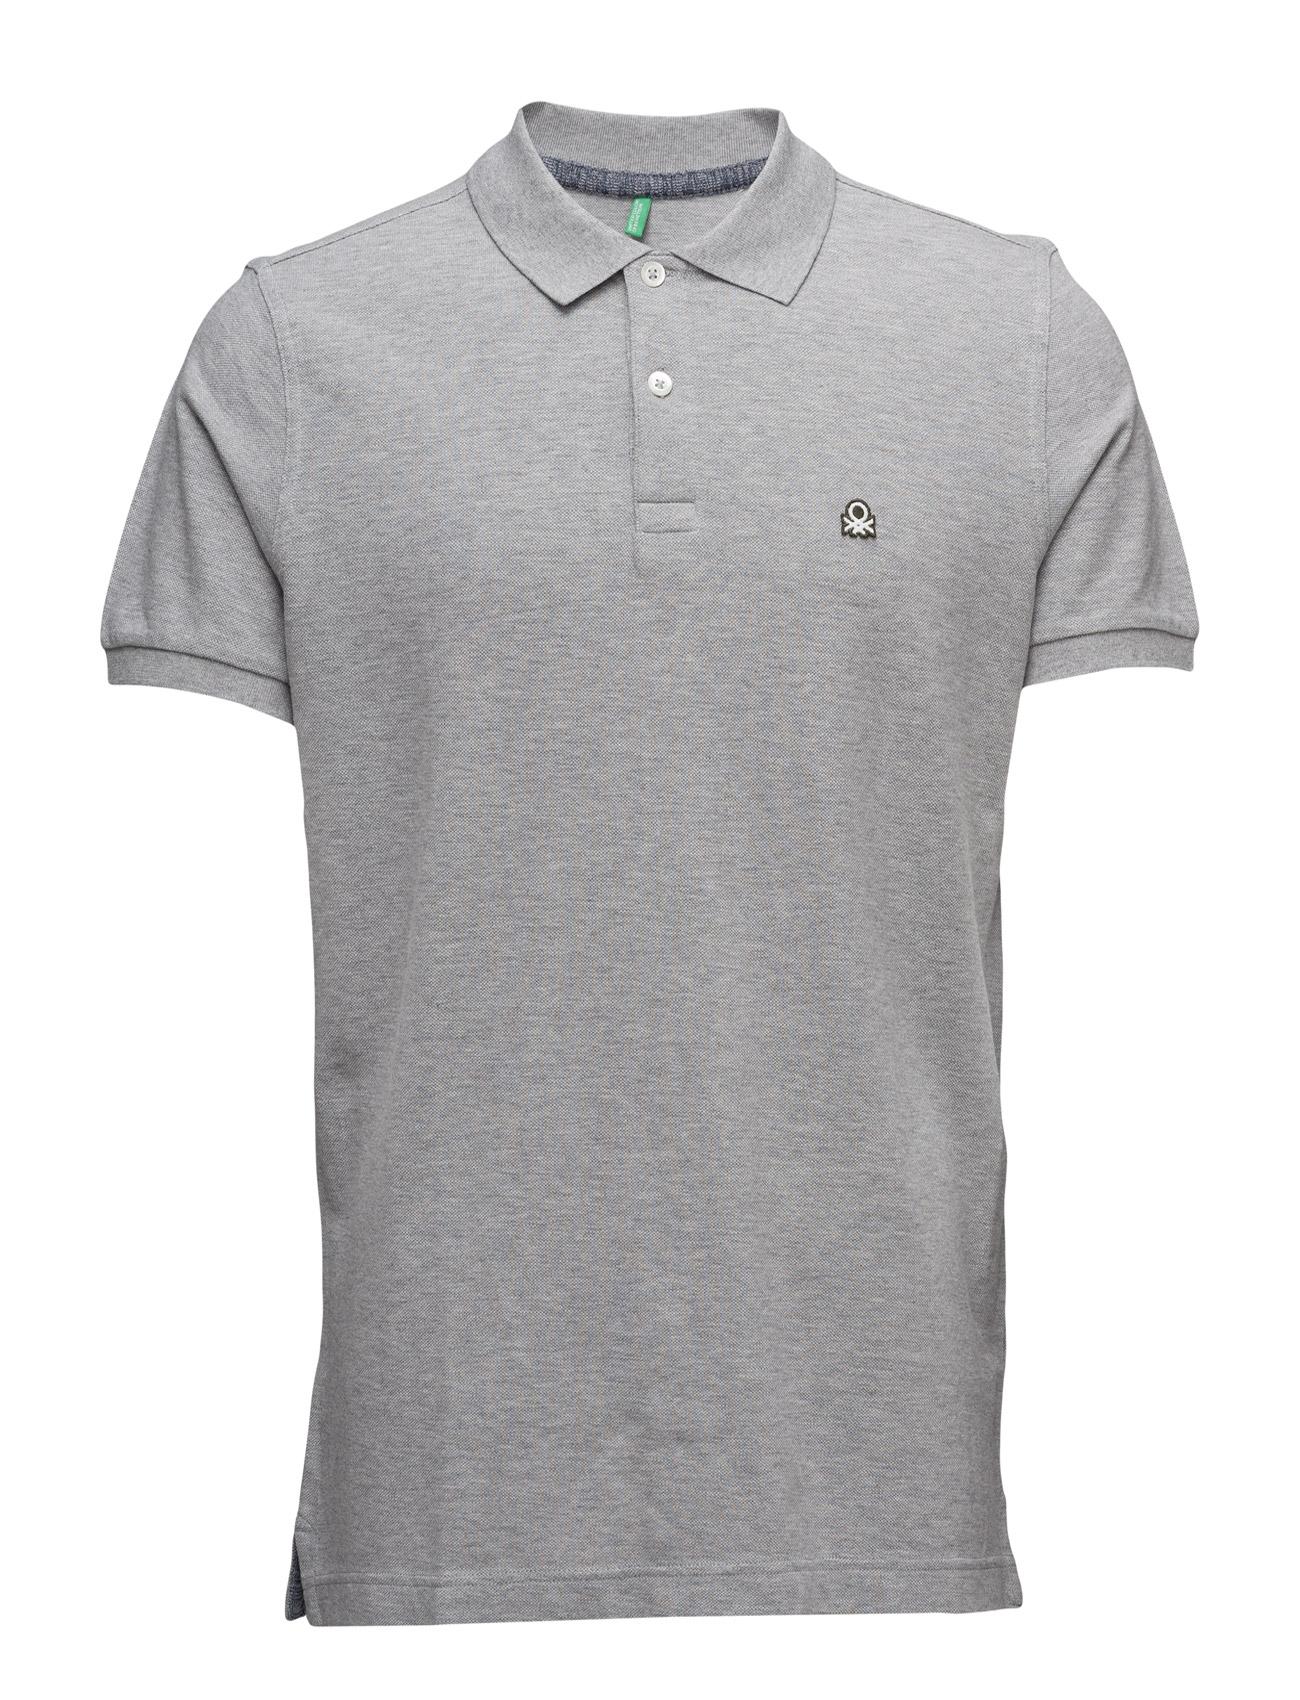 Polo Shirt United Colors of Benetton Kortærmede polo t-shirts til Herrer i Grey Melange